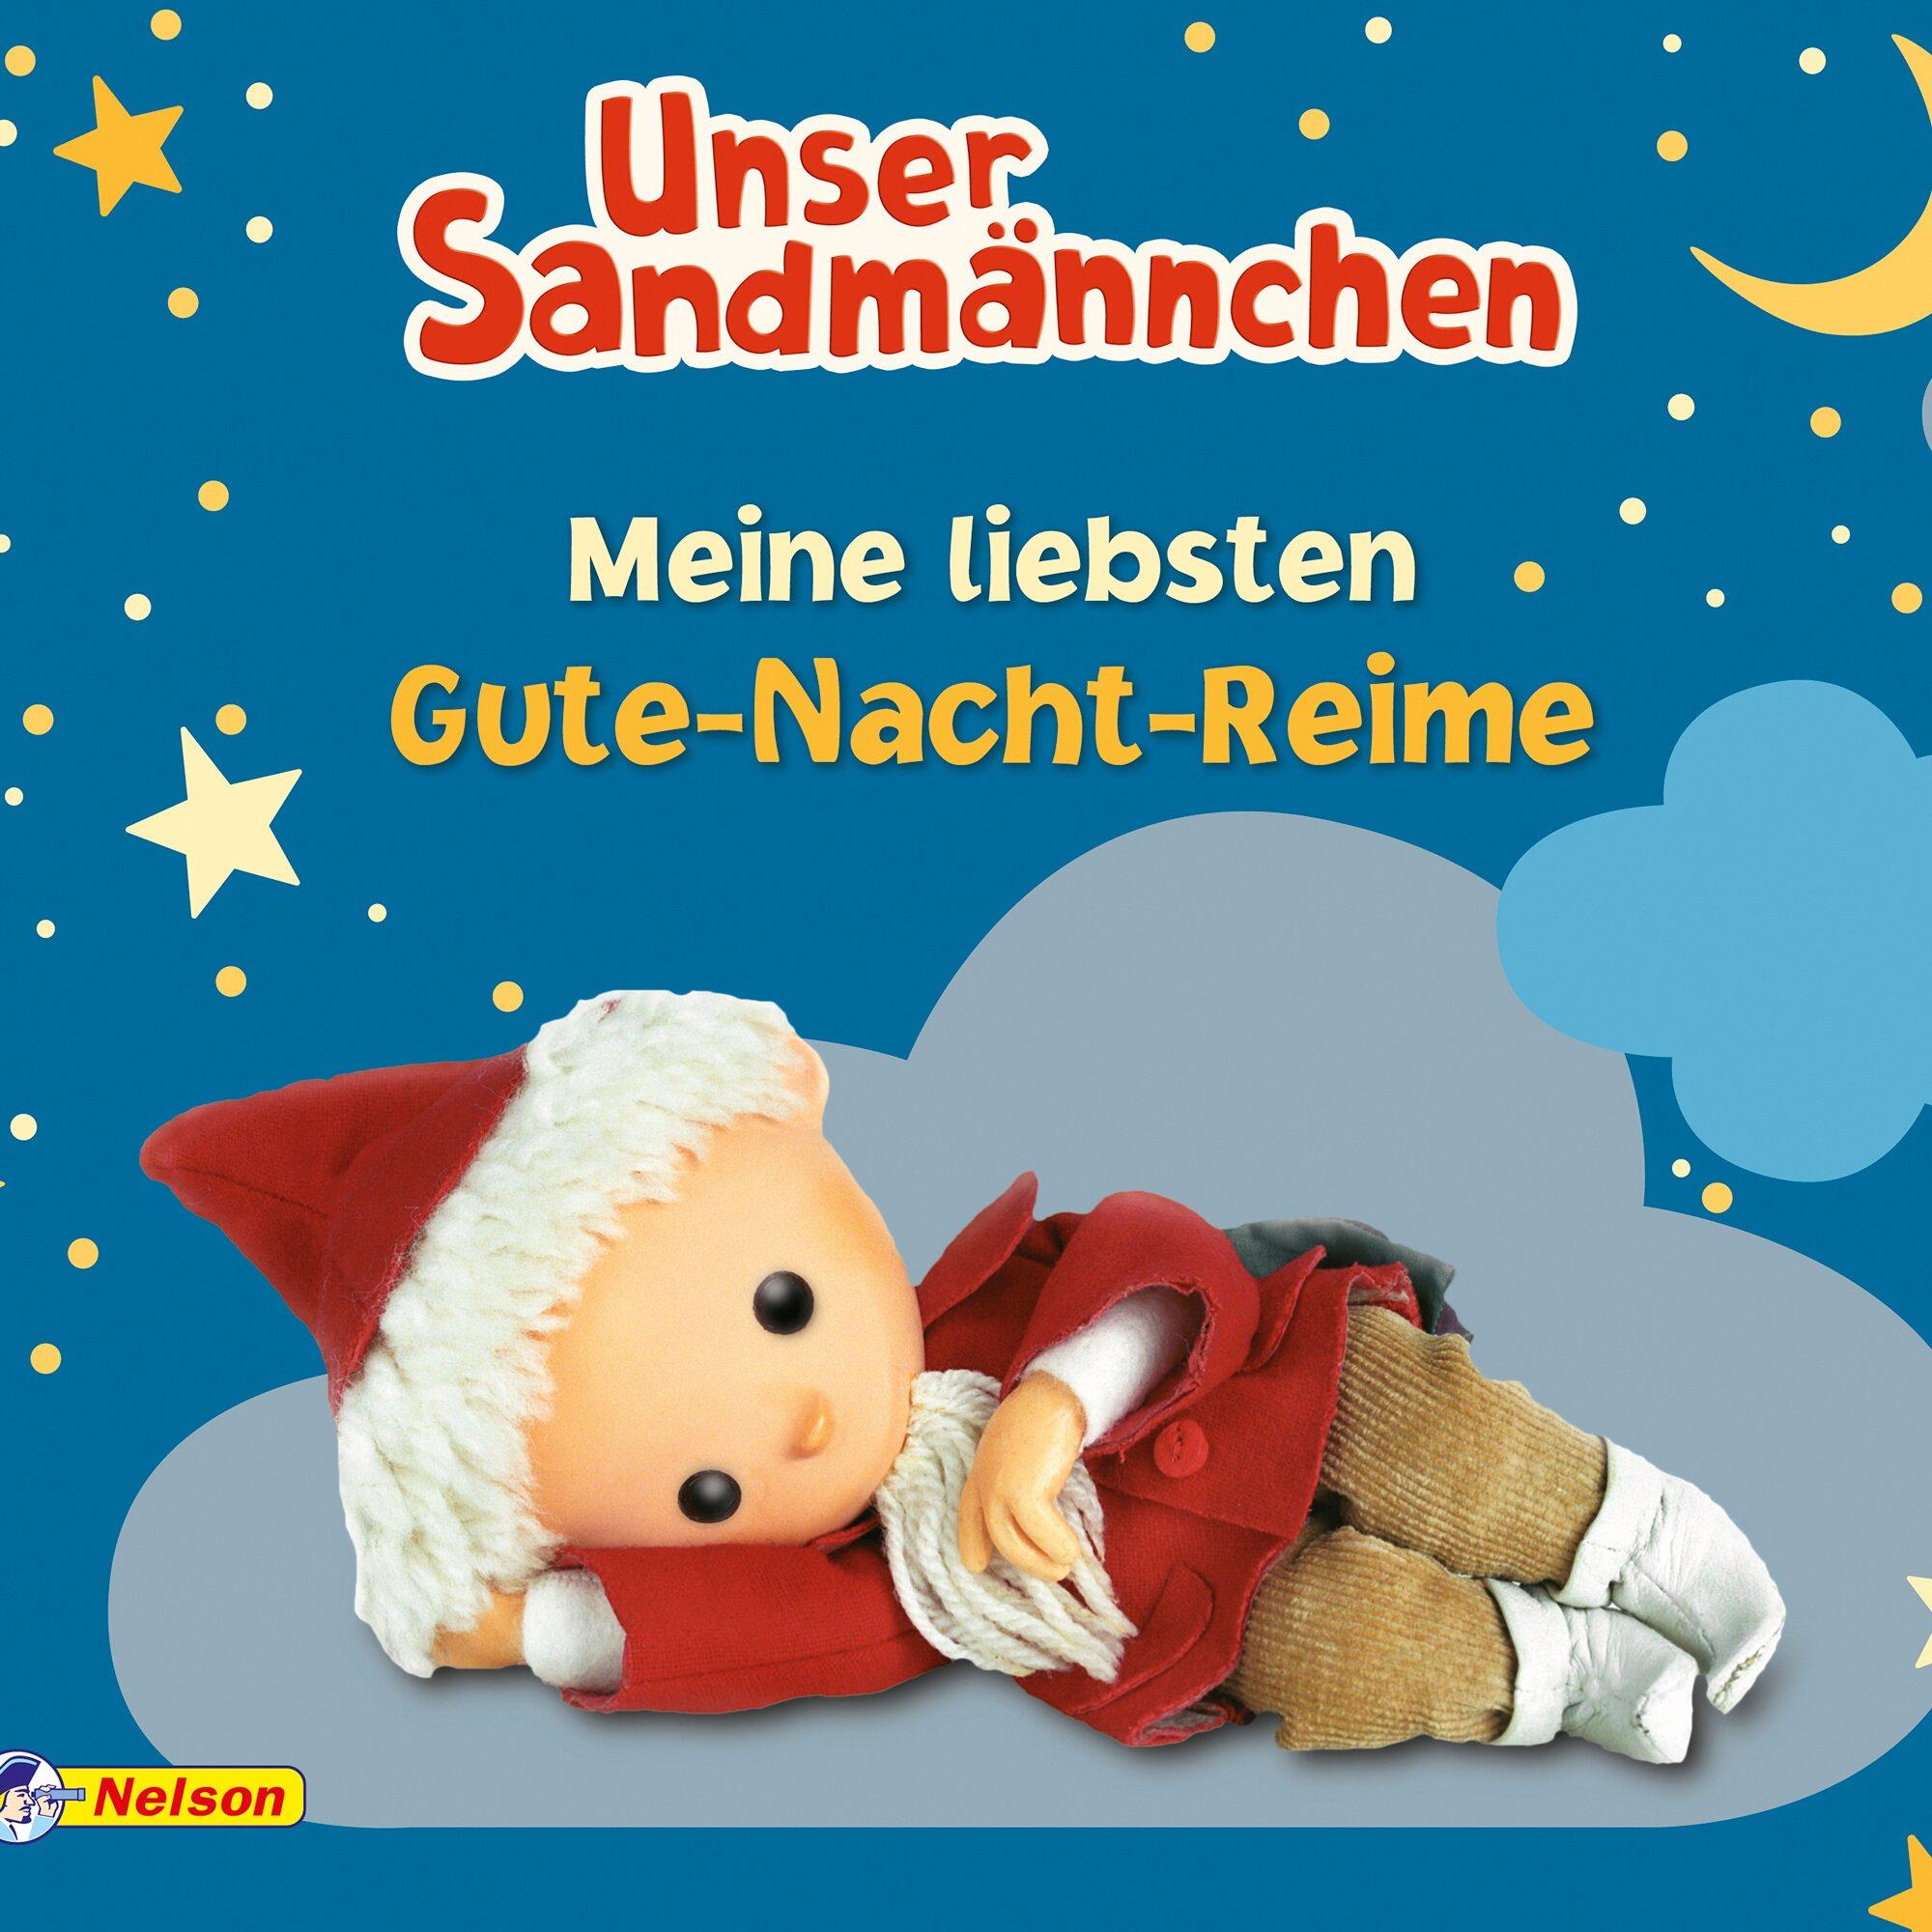 Unser Sandmännchen Pappbilderbuch Meine liebsten Gute-Nacht-Reime